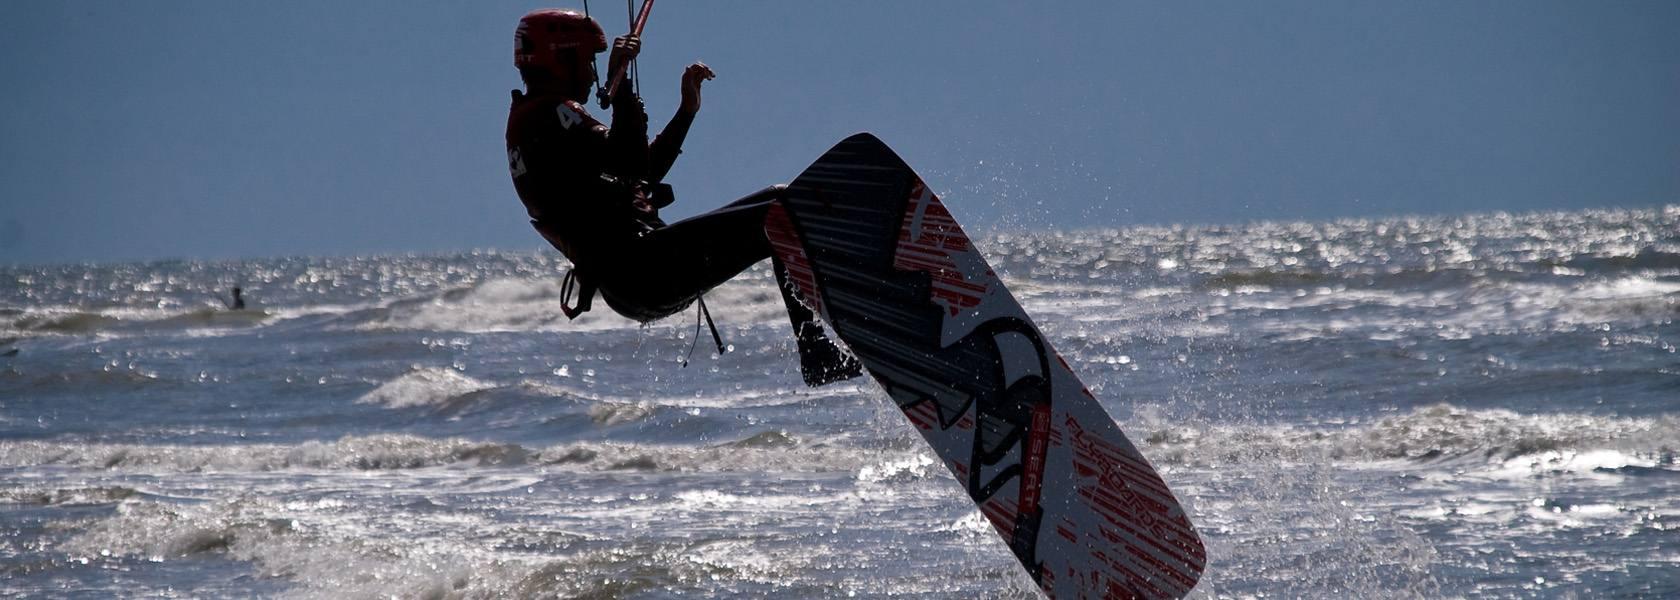 Kiter beim Sprung, © crimson - fotolia.com